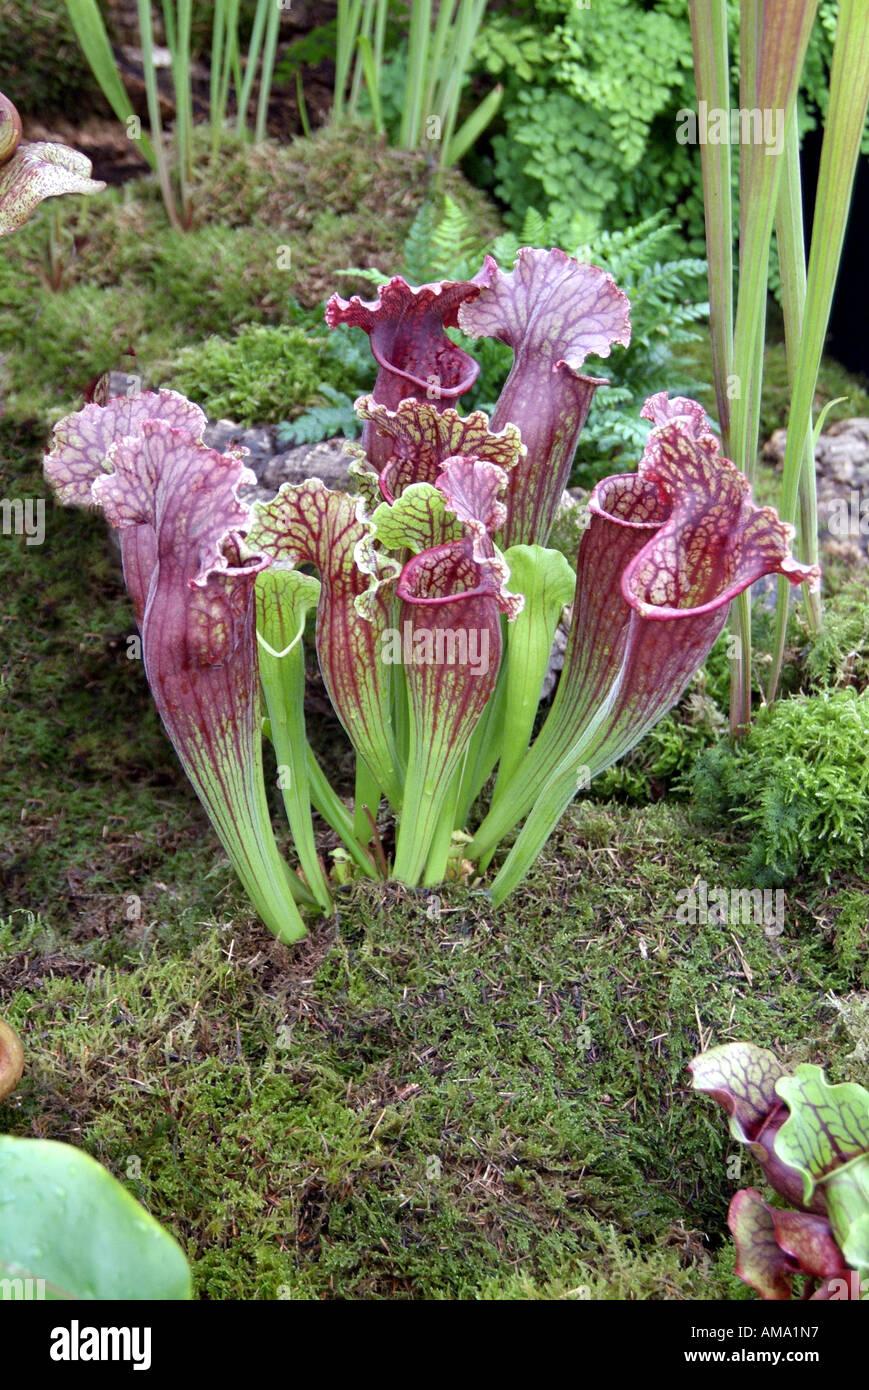 Sarracenia purpurea pianta brocca nord americaTropical insetto fiore insettivori mangiare mangiare esotico carnivore carnivore Foto Stock